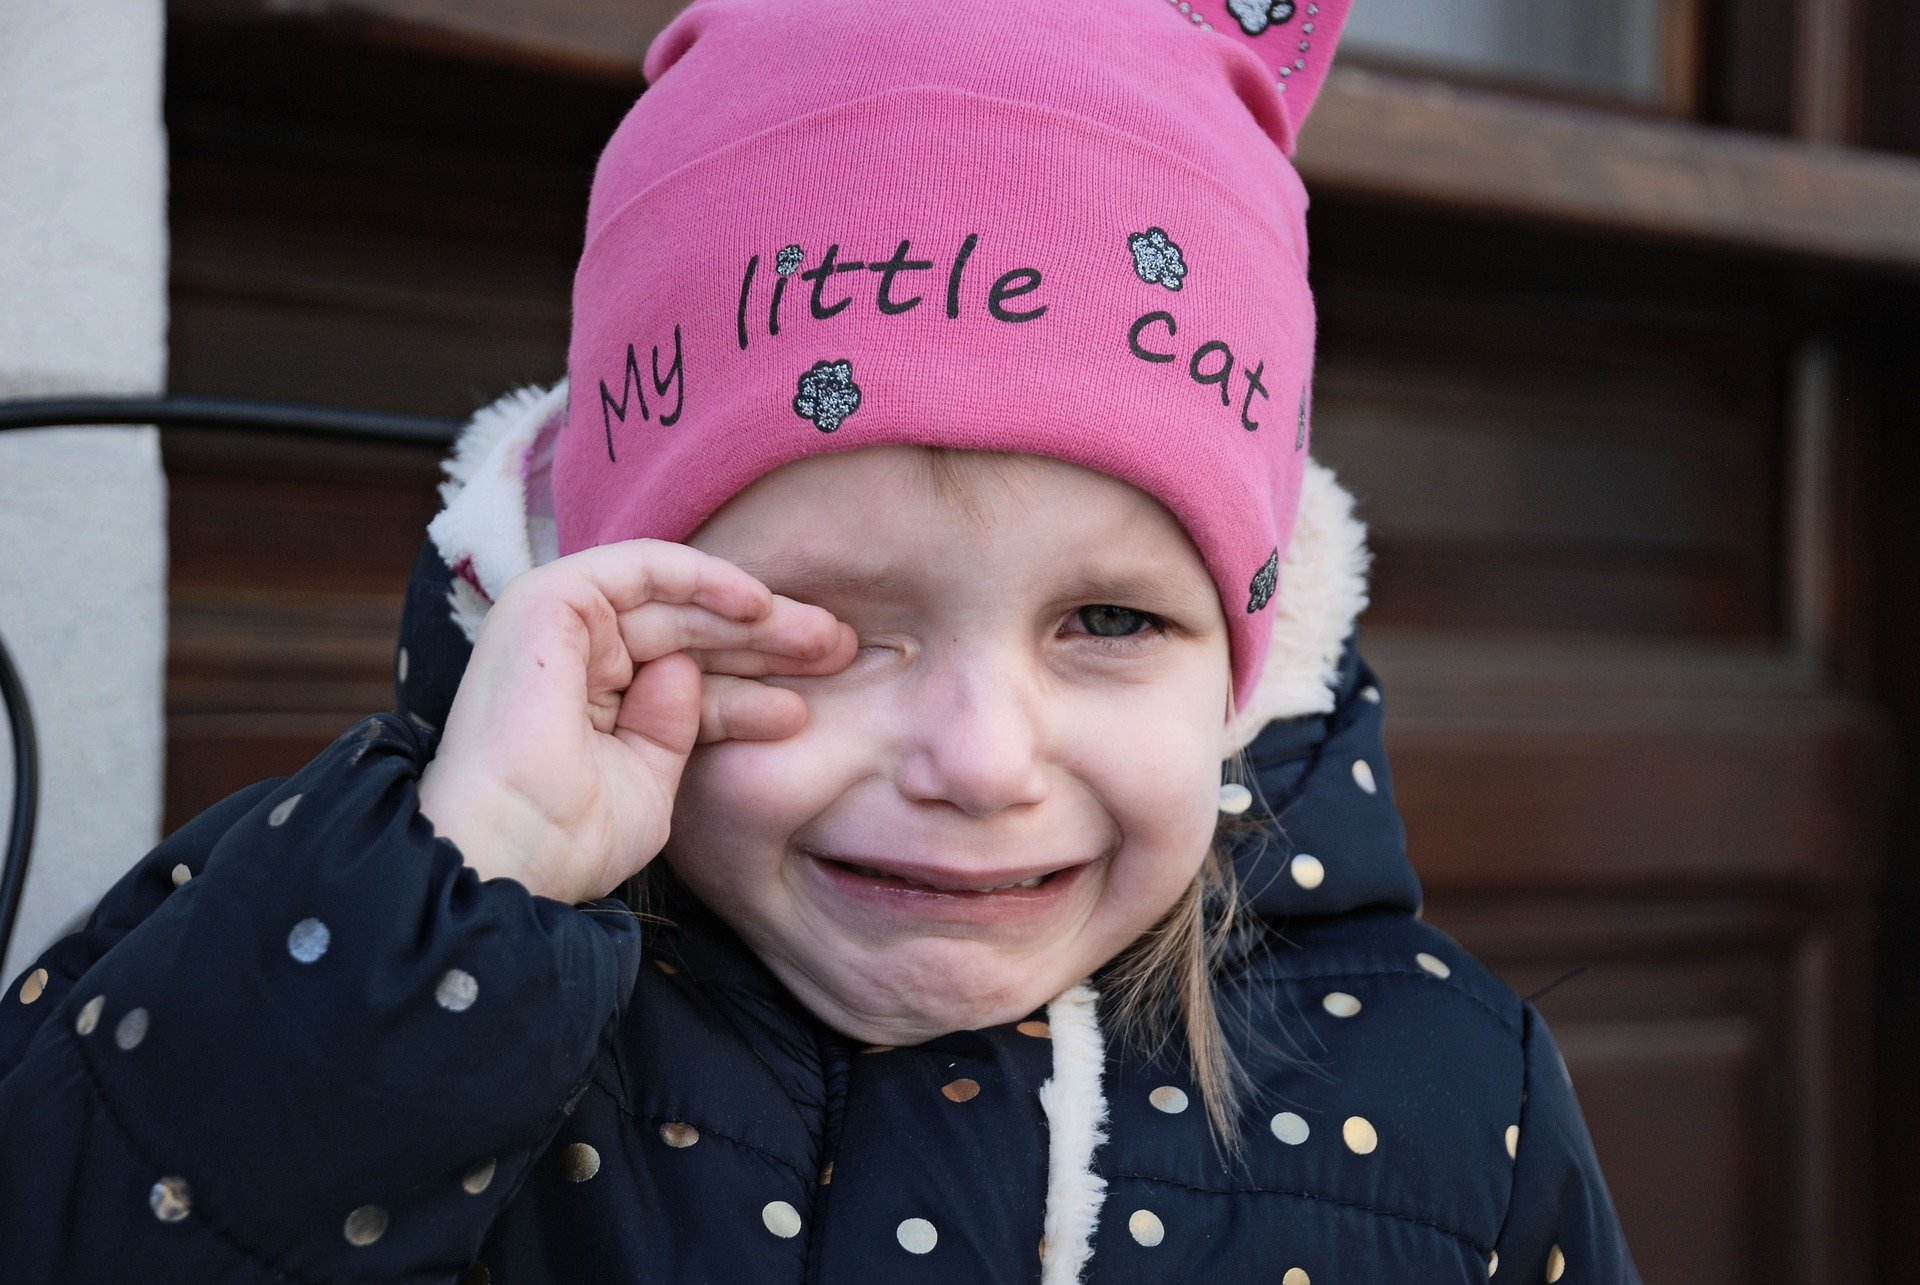 С холодной головой: специалист рассказала, как справиться с детской истерикой